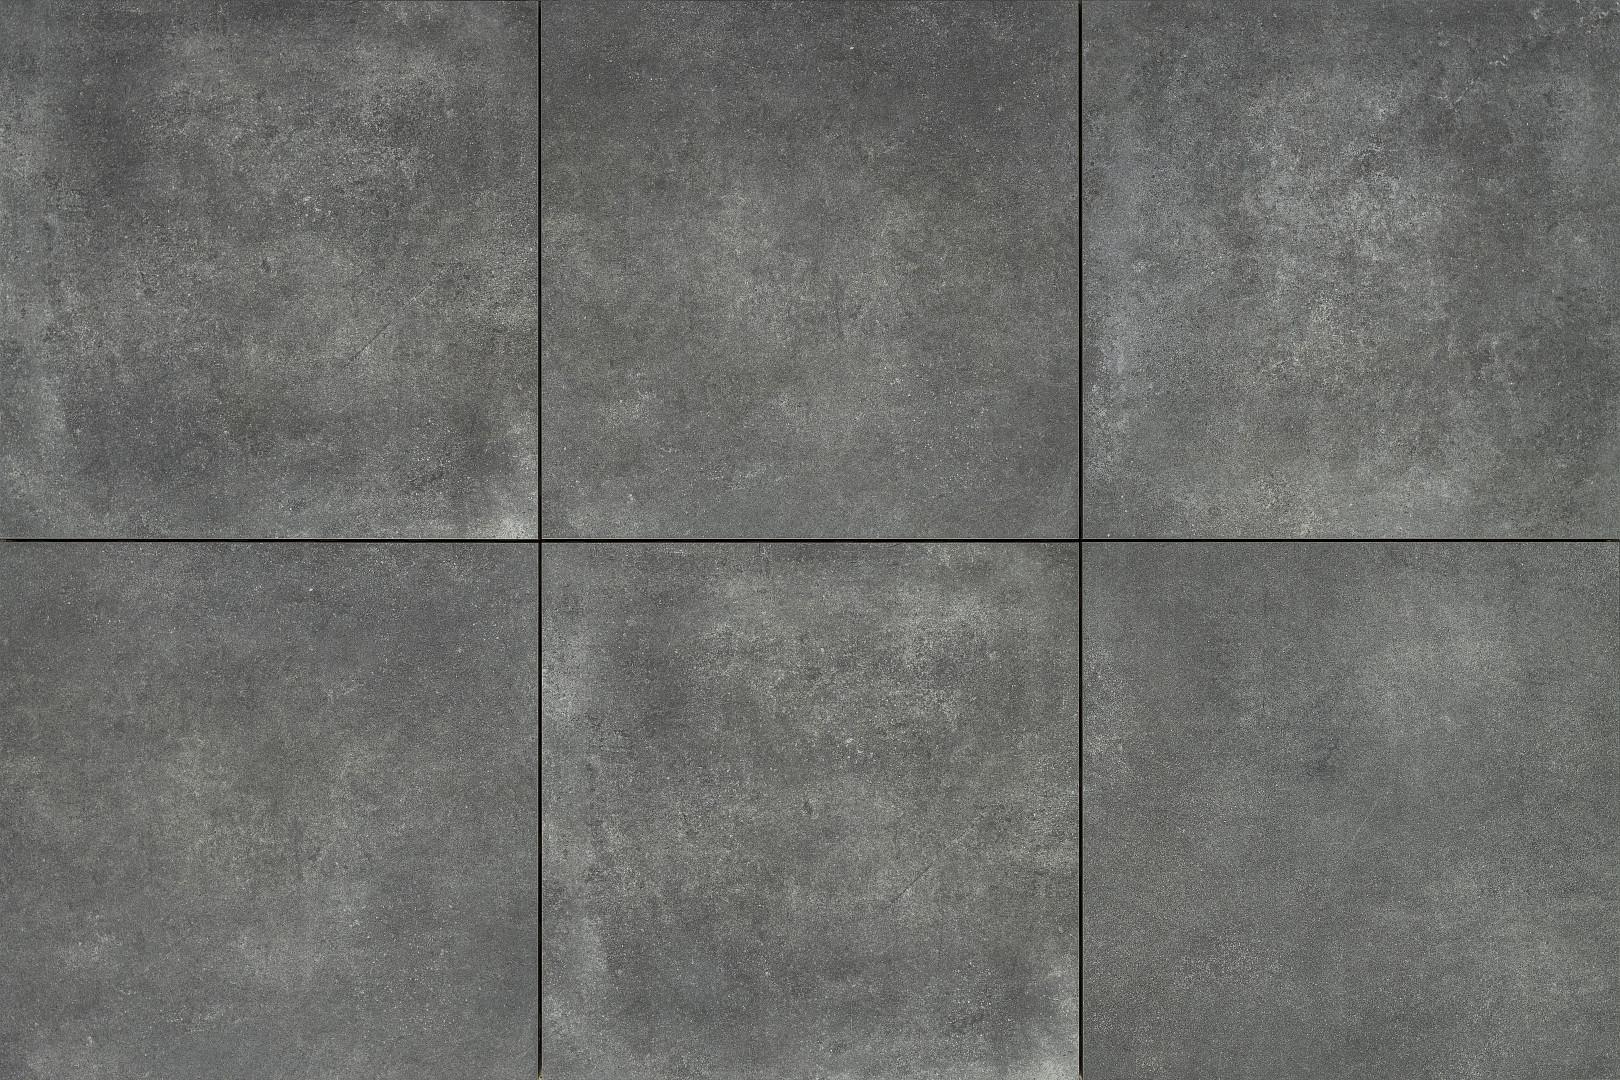 CERASUN Cemento Antracite 60x60x4